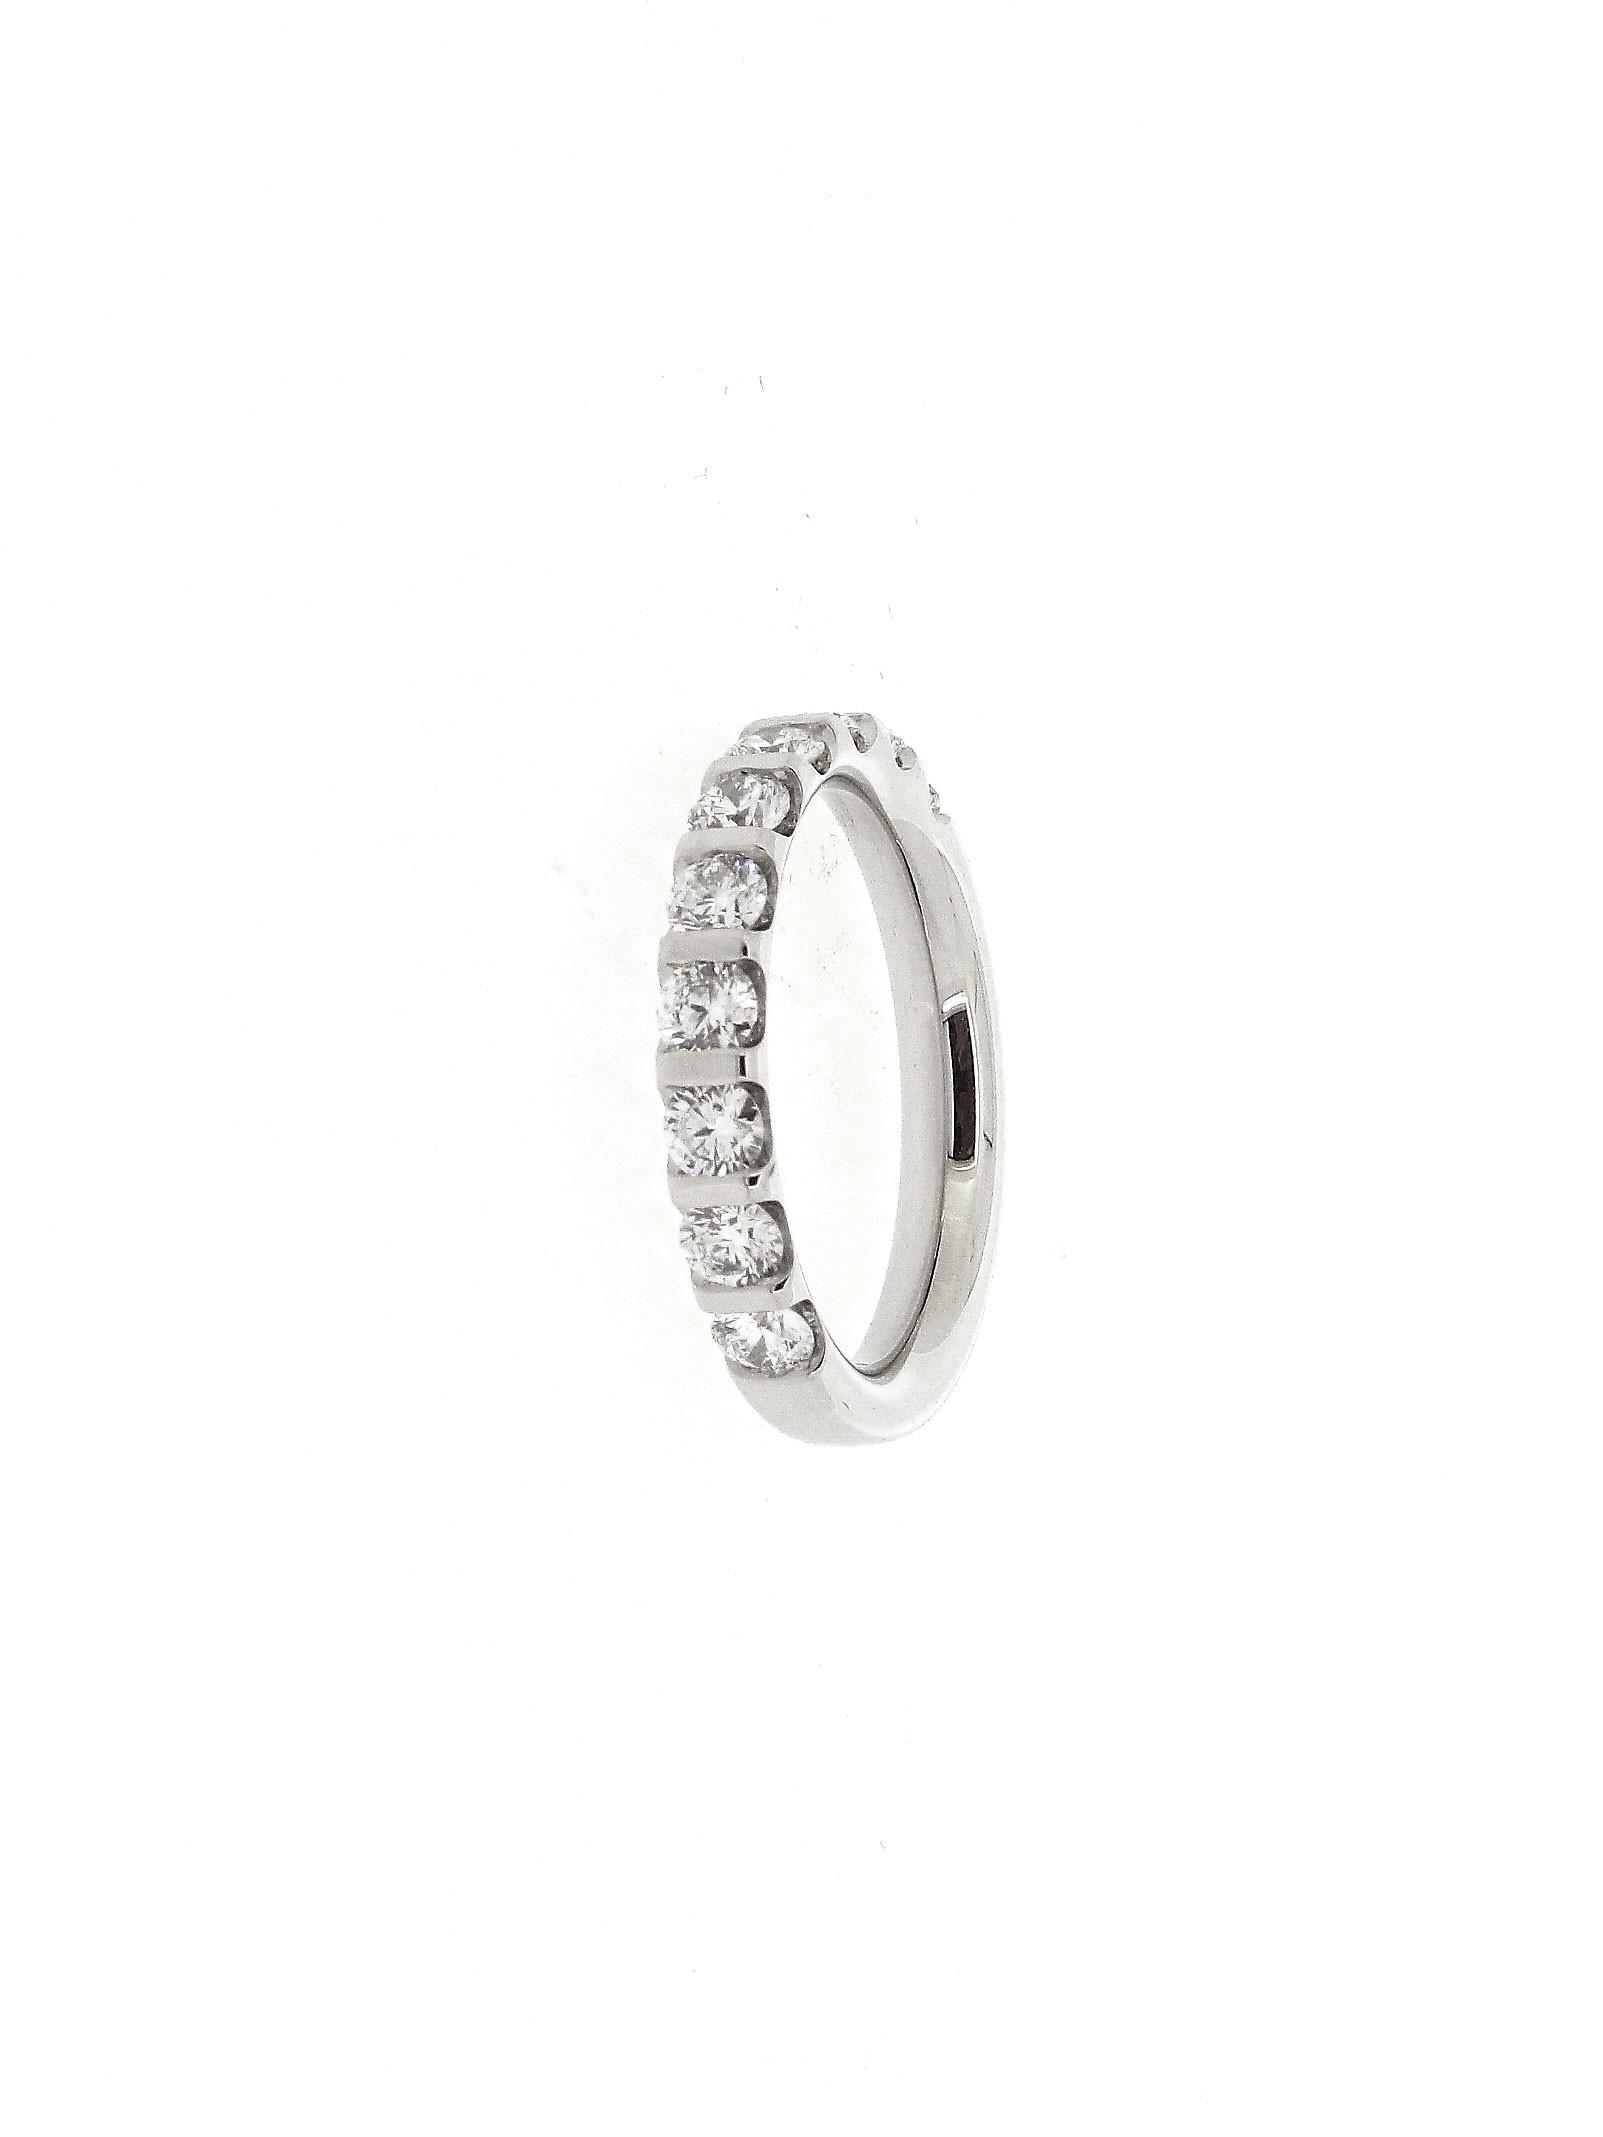 Ring Memory 950 Platin - Niessing - N331951-32-pt